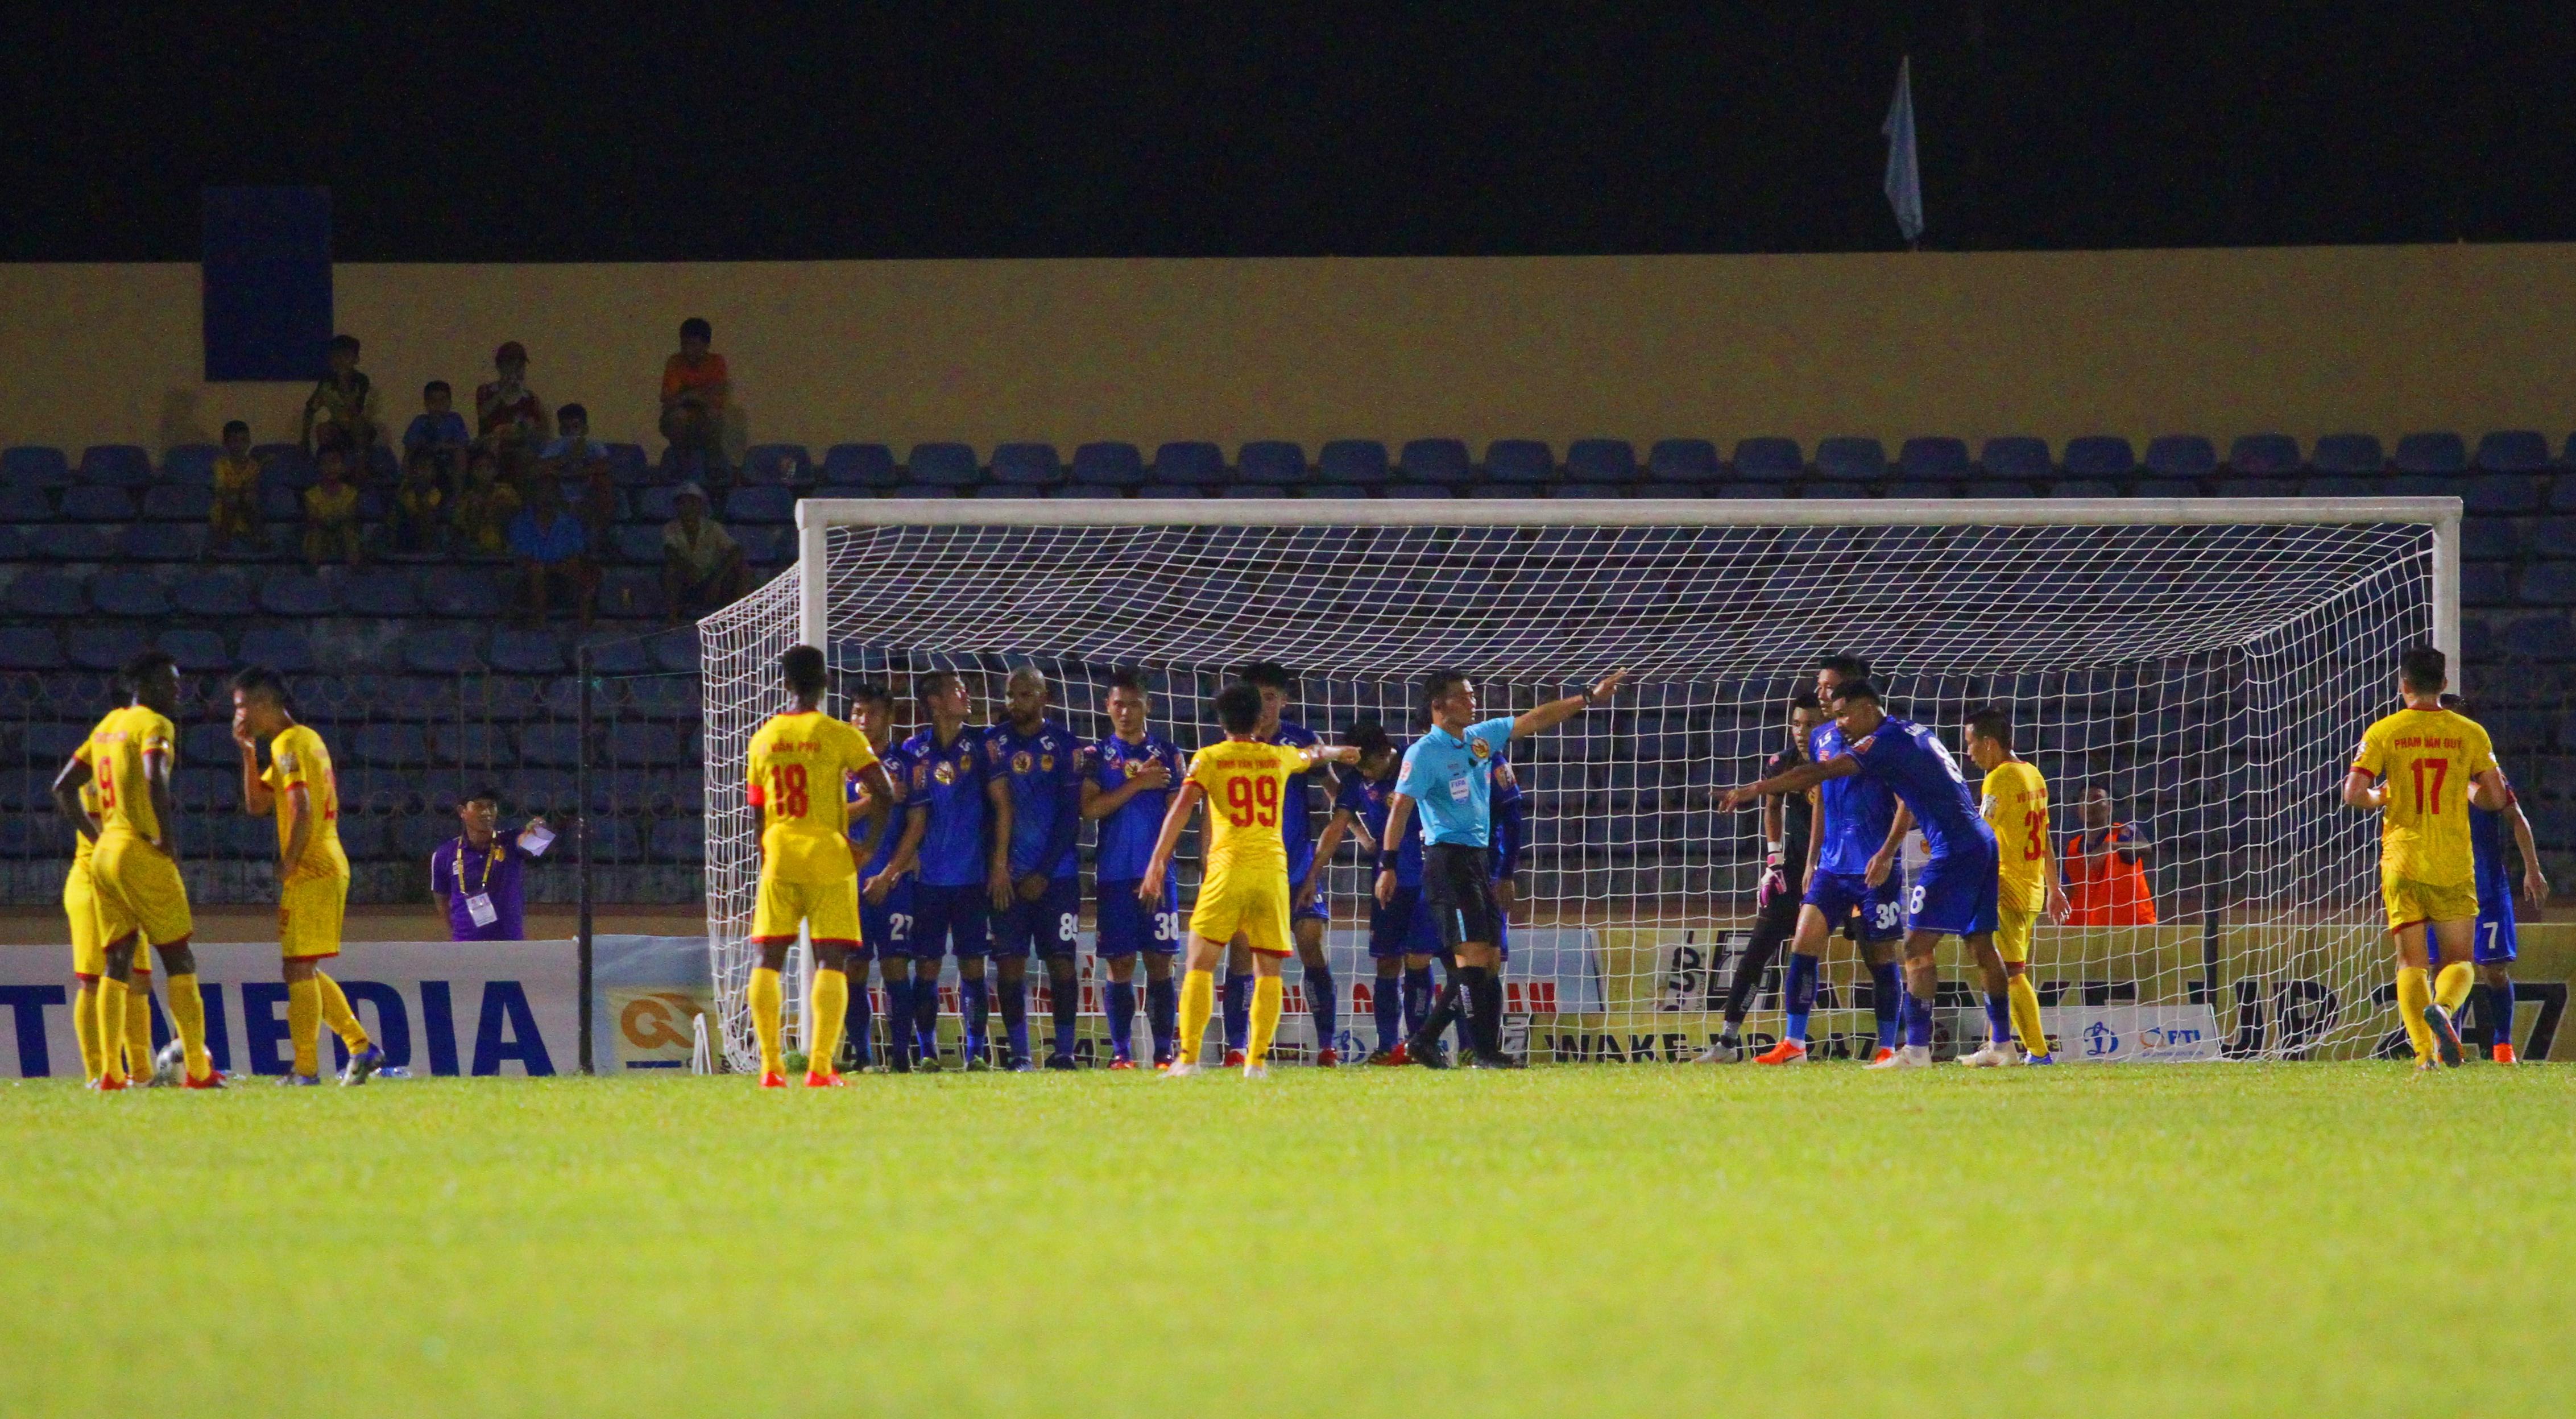 Cựu thủ môn ĐT Việt Nam khóc trong cabin khi mắc sai lầm tai hại - Bóng Đá